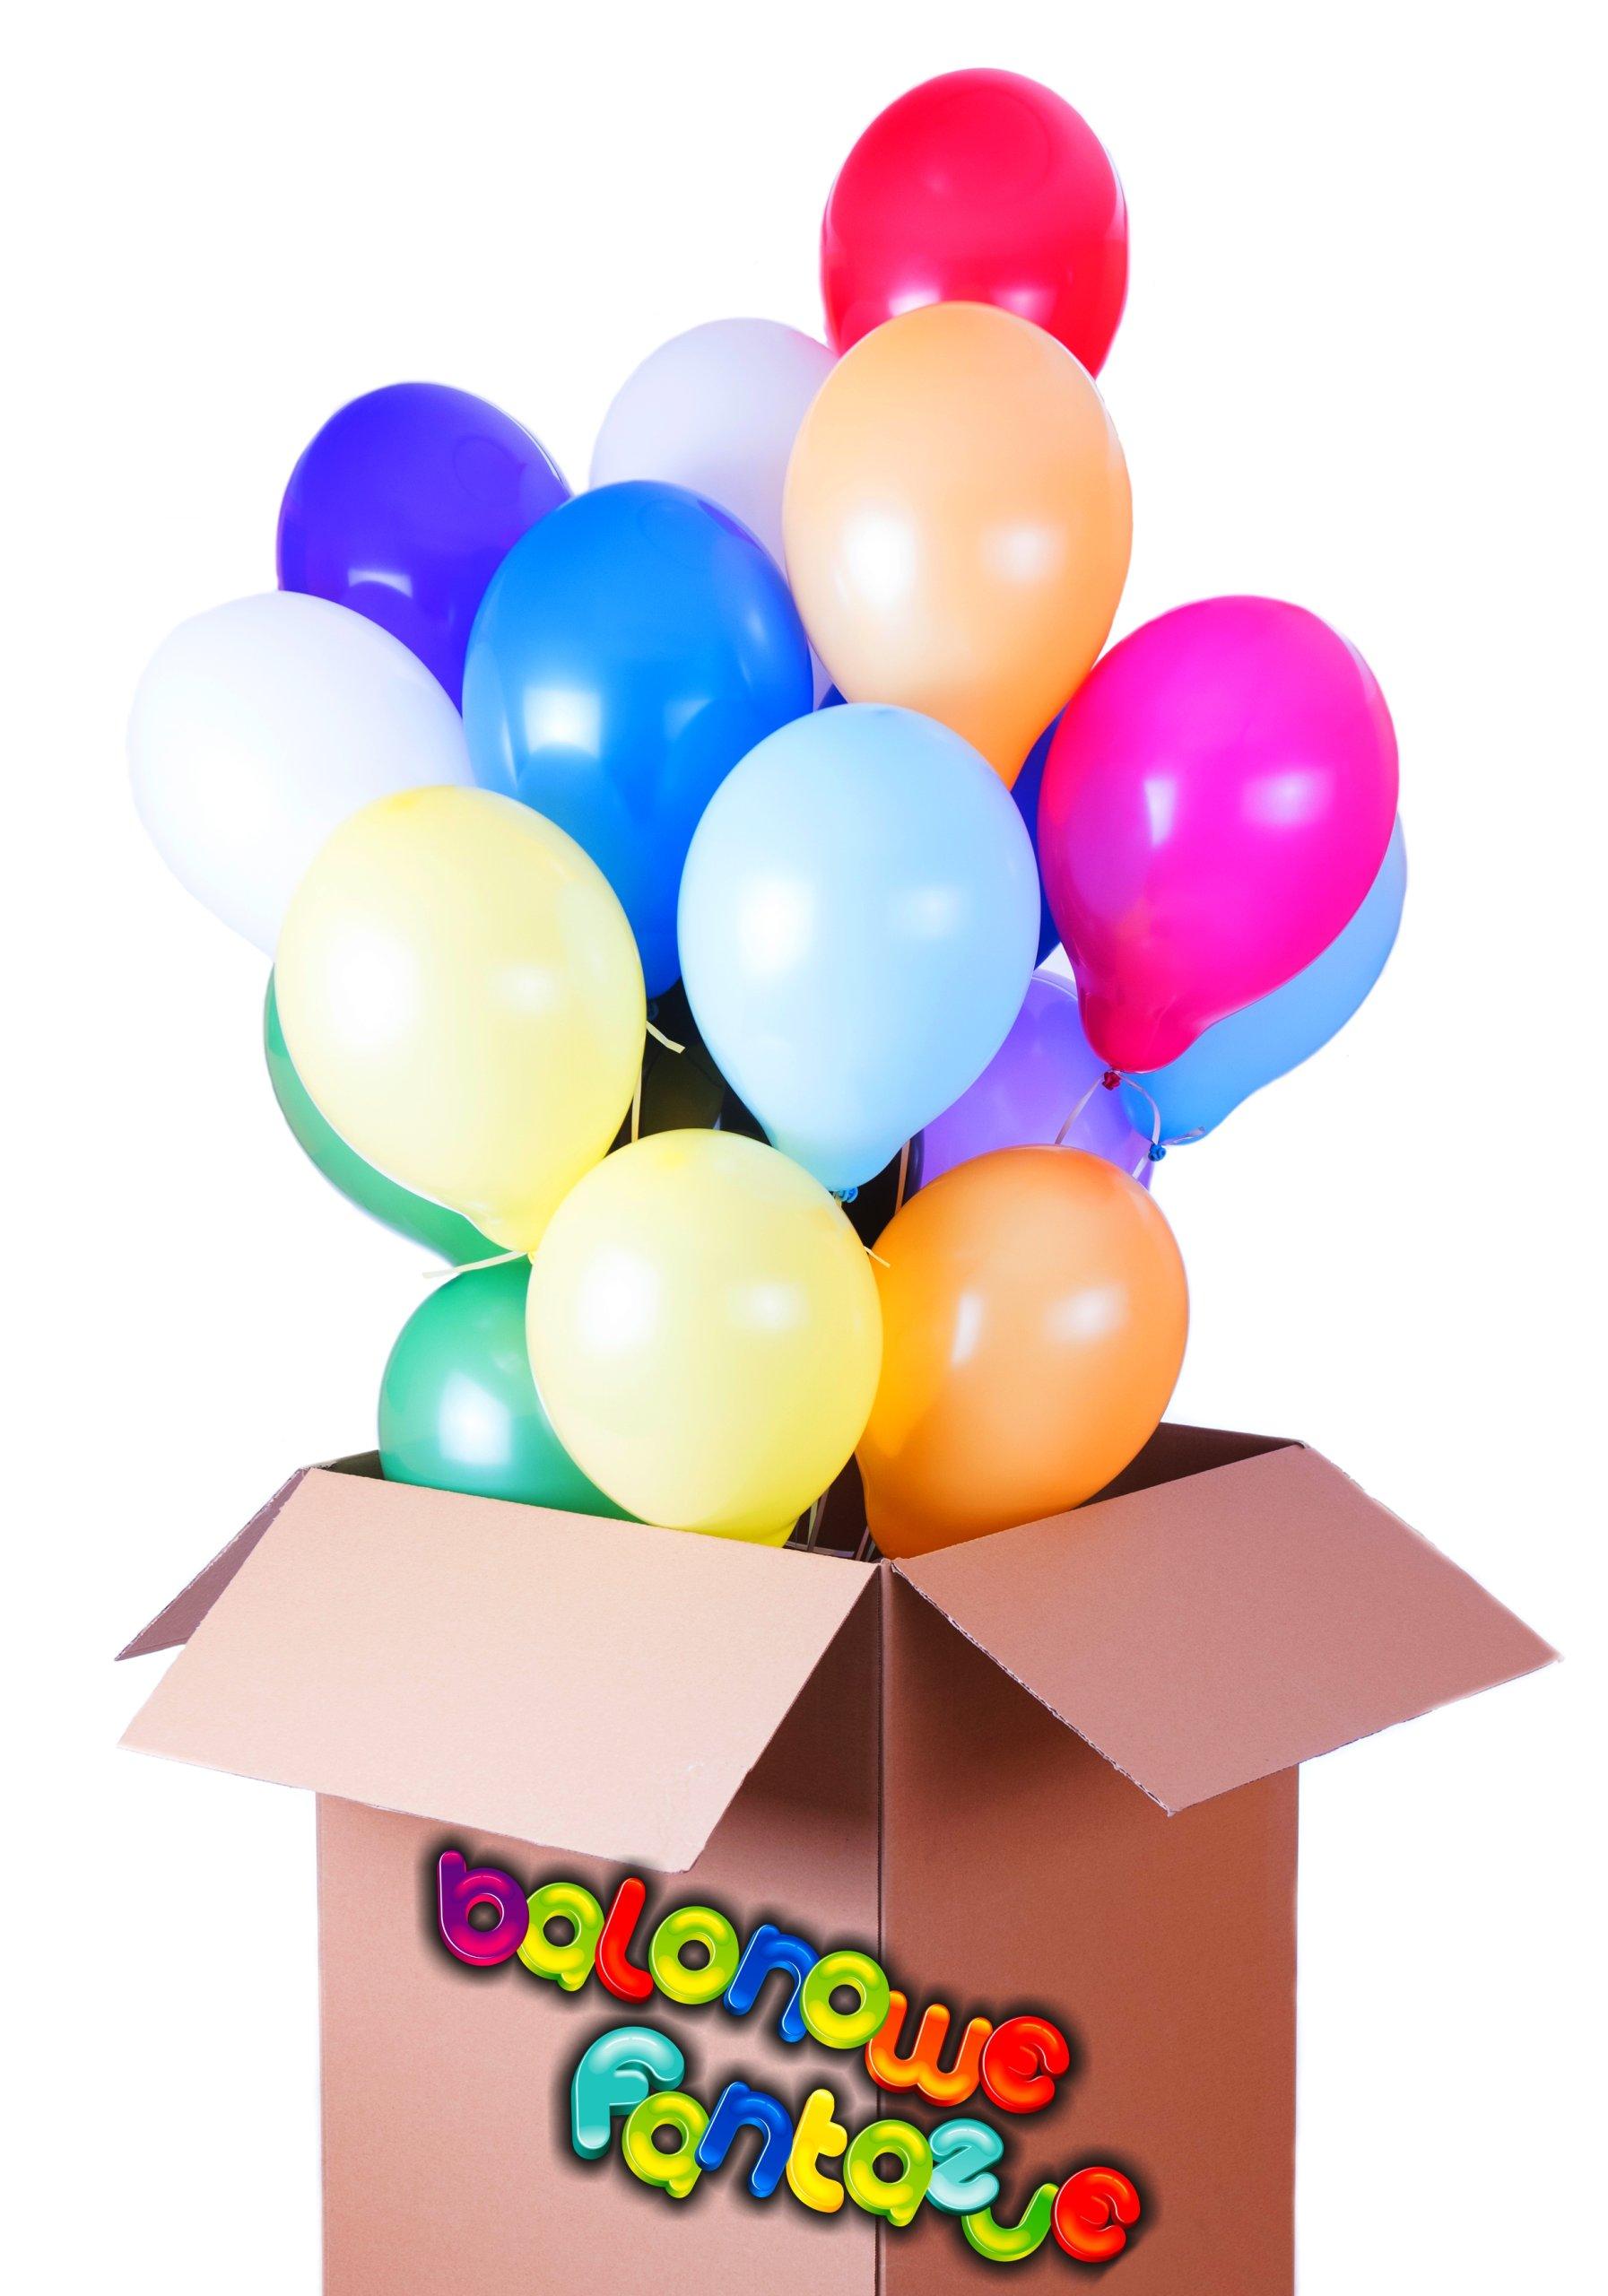 Balony Z Helem Pudlo Prezent Na Urodziny Z Wysylka 6885907434 Allegro Pl